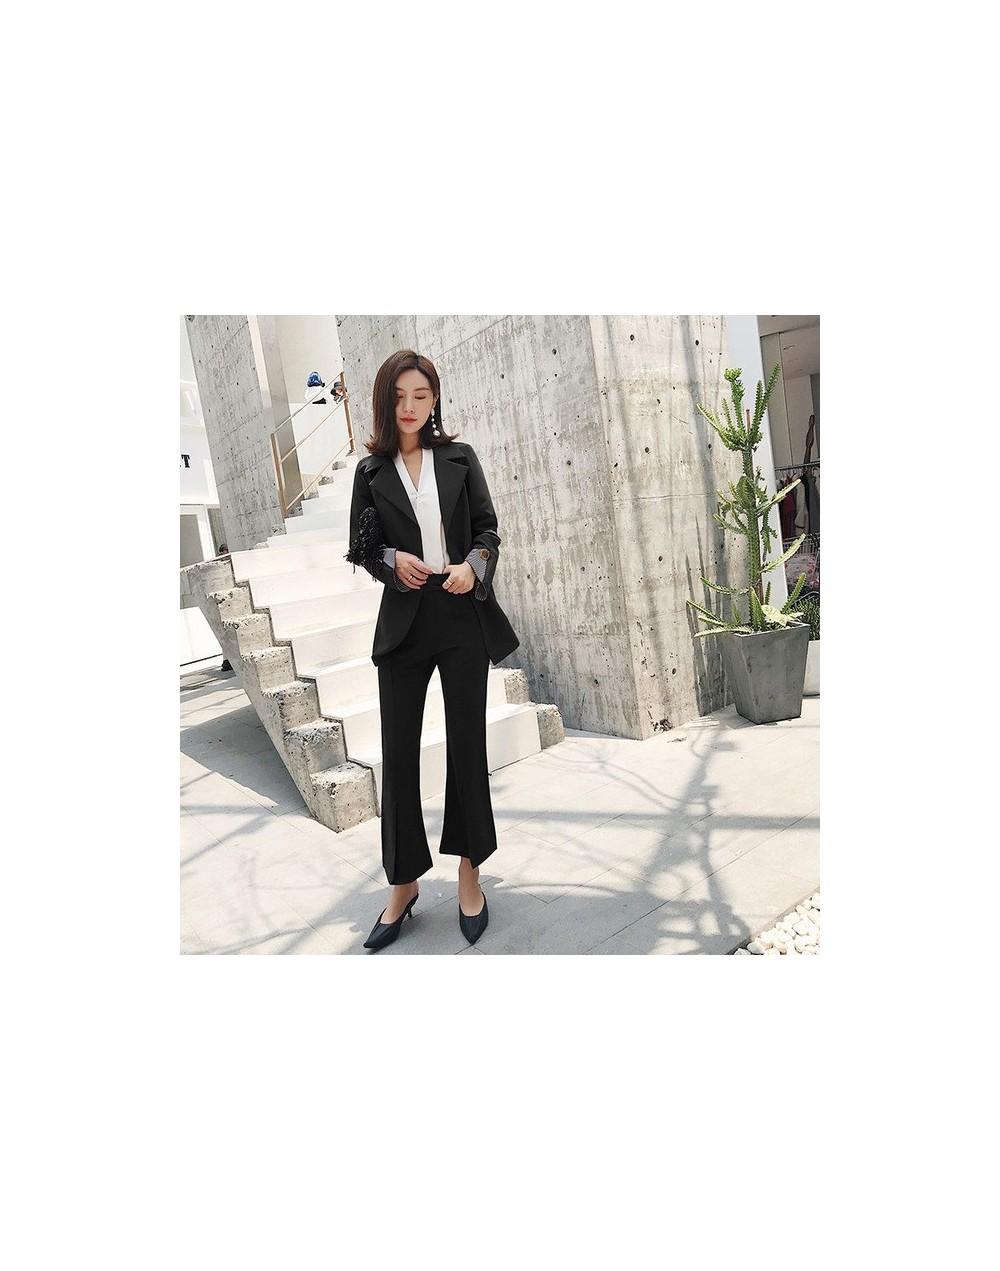 Fashion Lace Up Women Pant Suit Slim Waist Blazer & High Waist Flare Pant OL Style Female 2 Pieces Set 2018 - black - 423035...